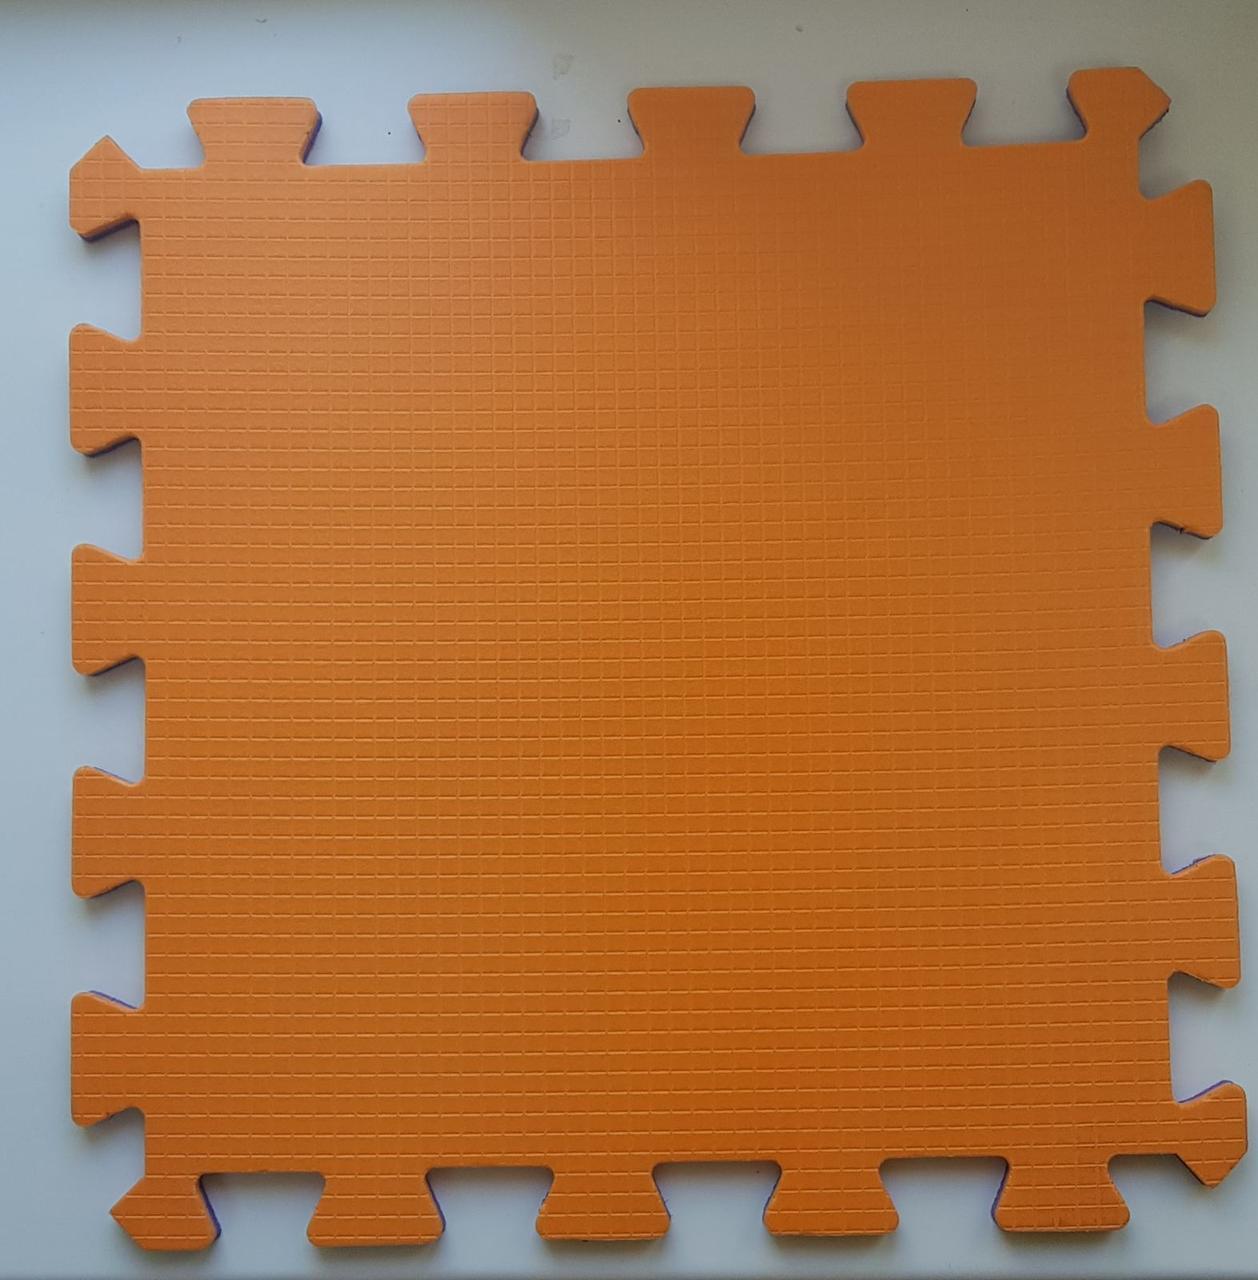 Мягкий пол пазл 300*300*8 мм двухсторонний оранжево -синий